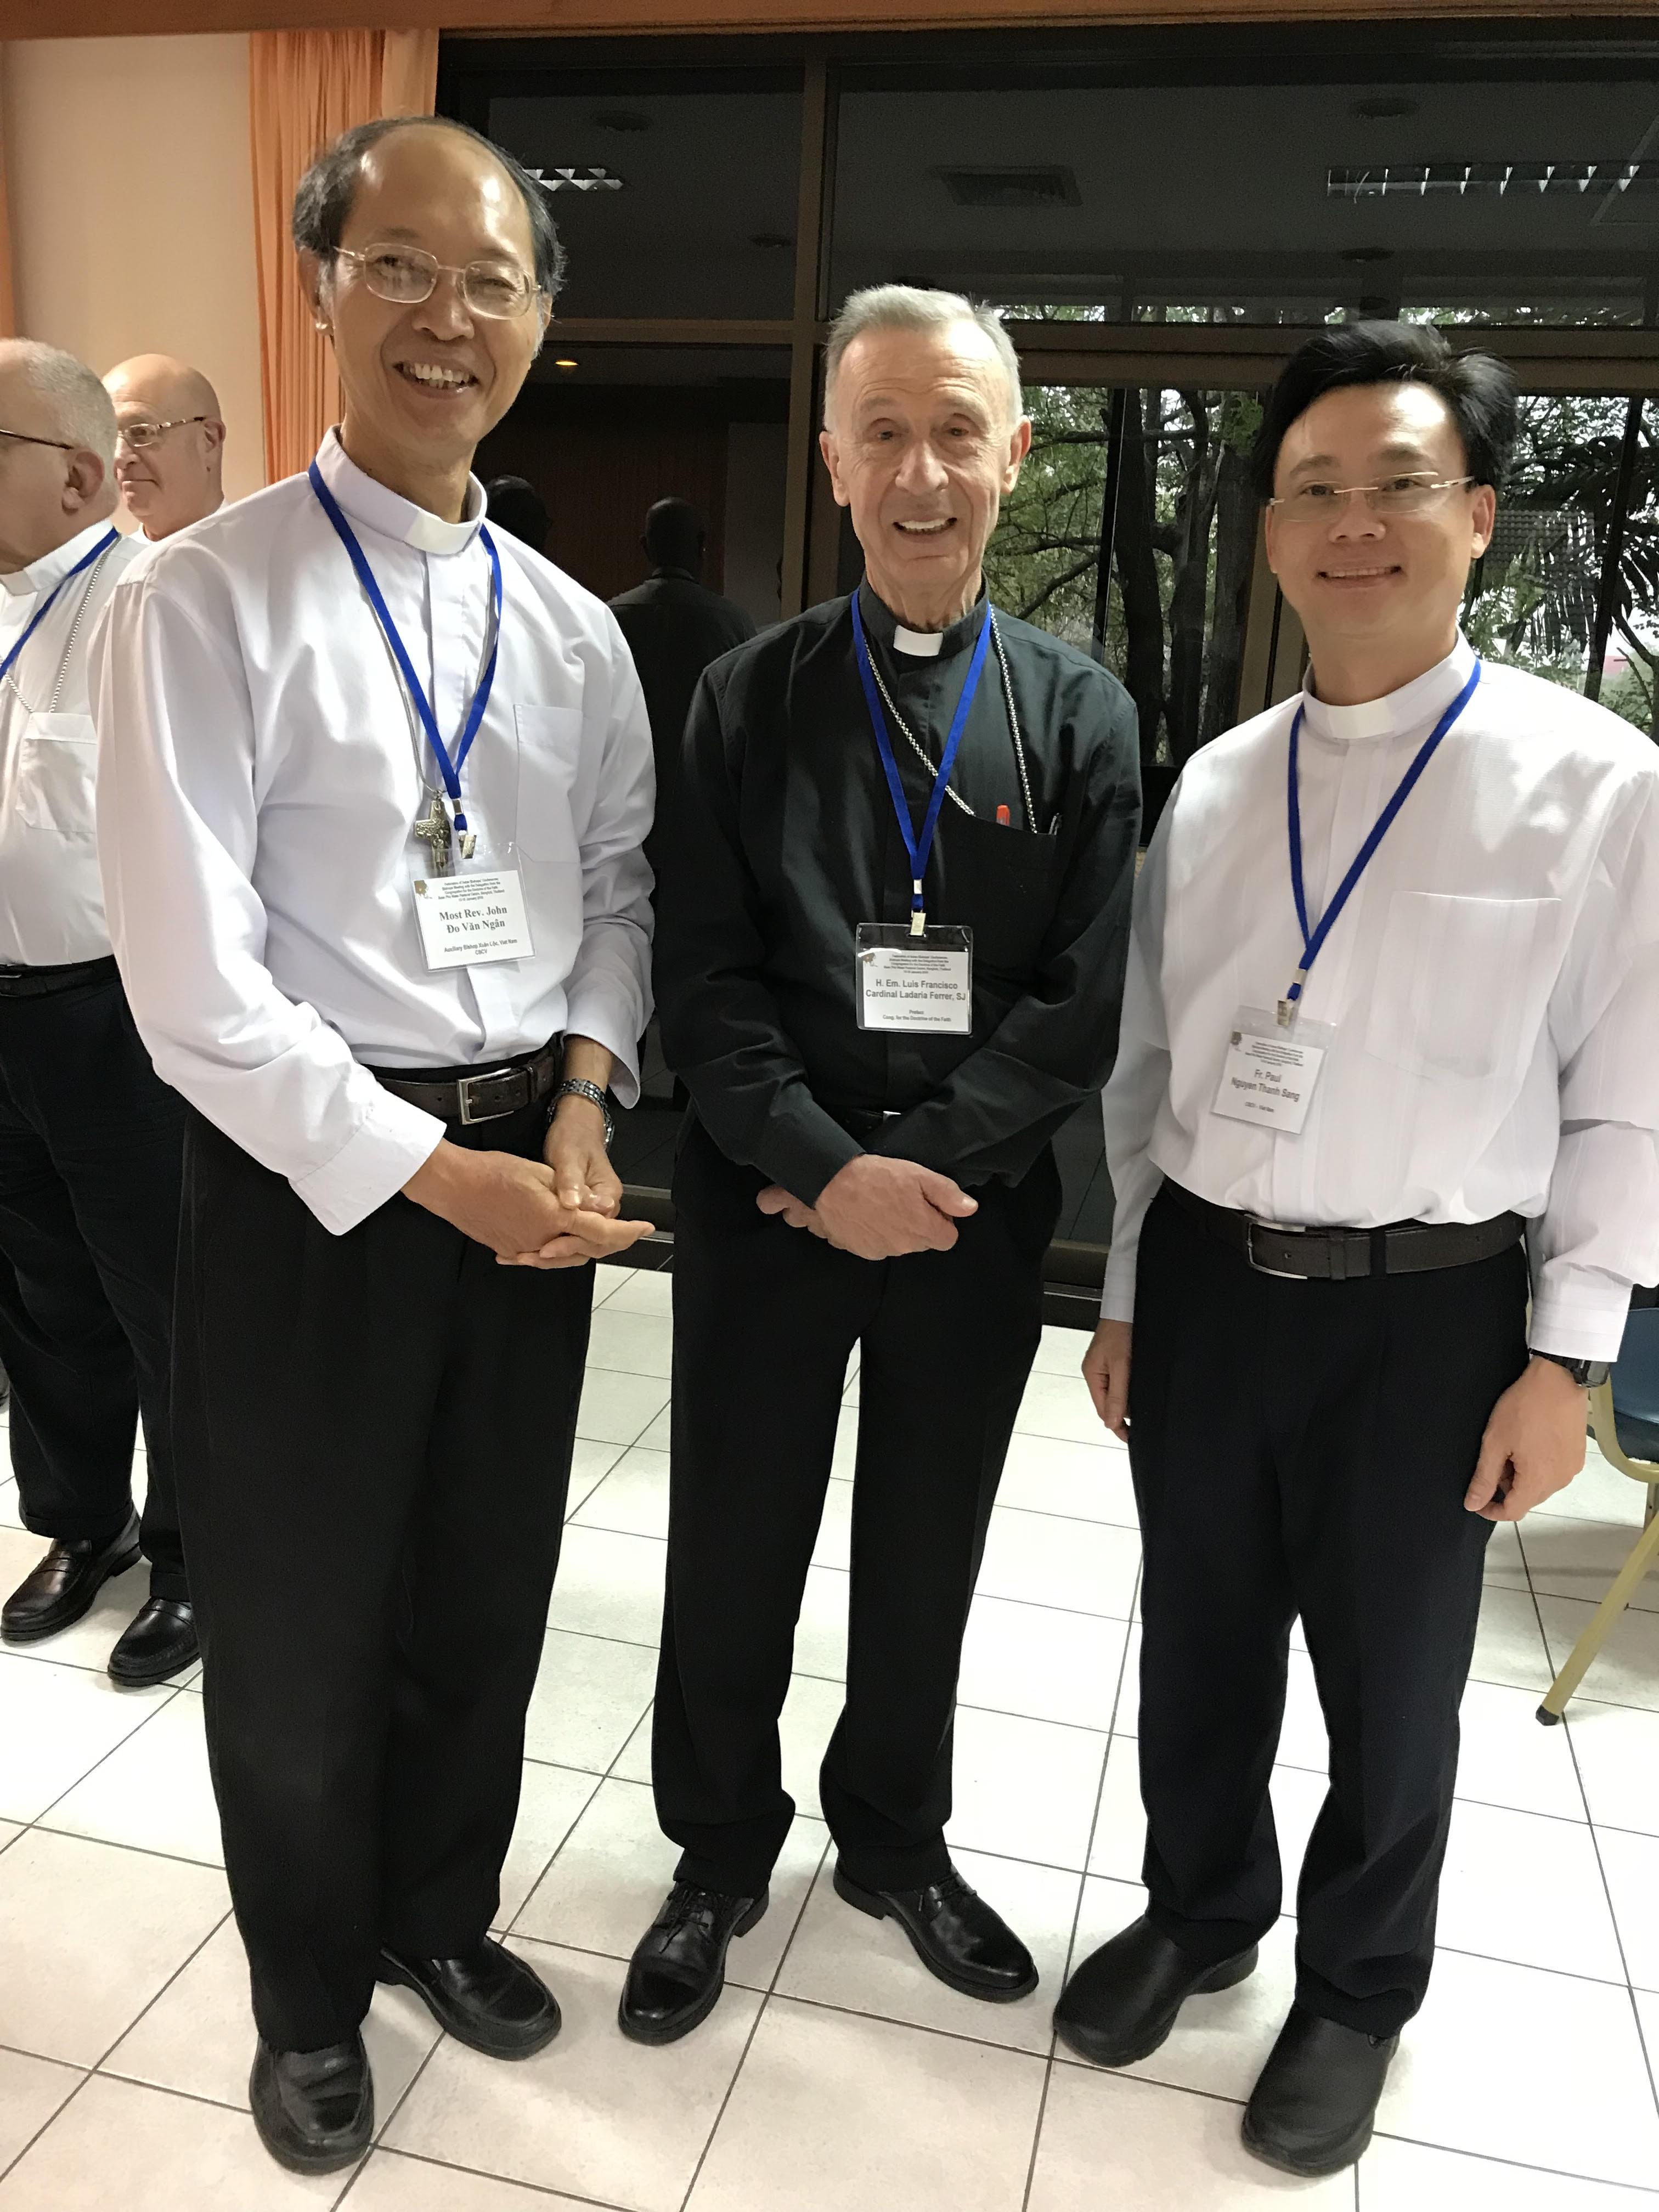 Tường trình về Hội nghị các Chủ tịch Ủy ban Giáo lý Đức tin (15-18/01/2019)